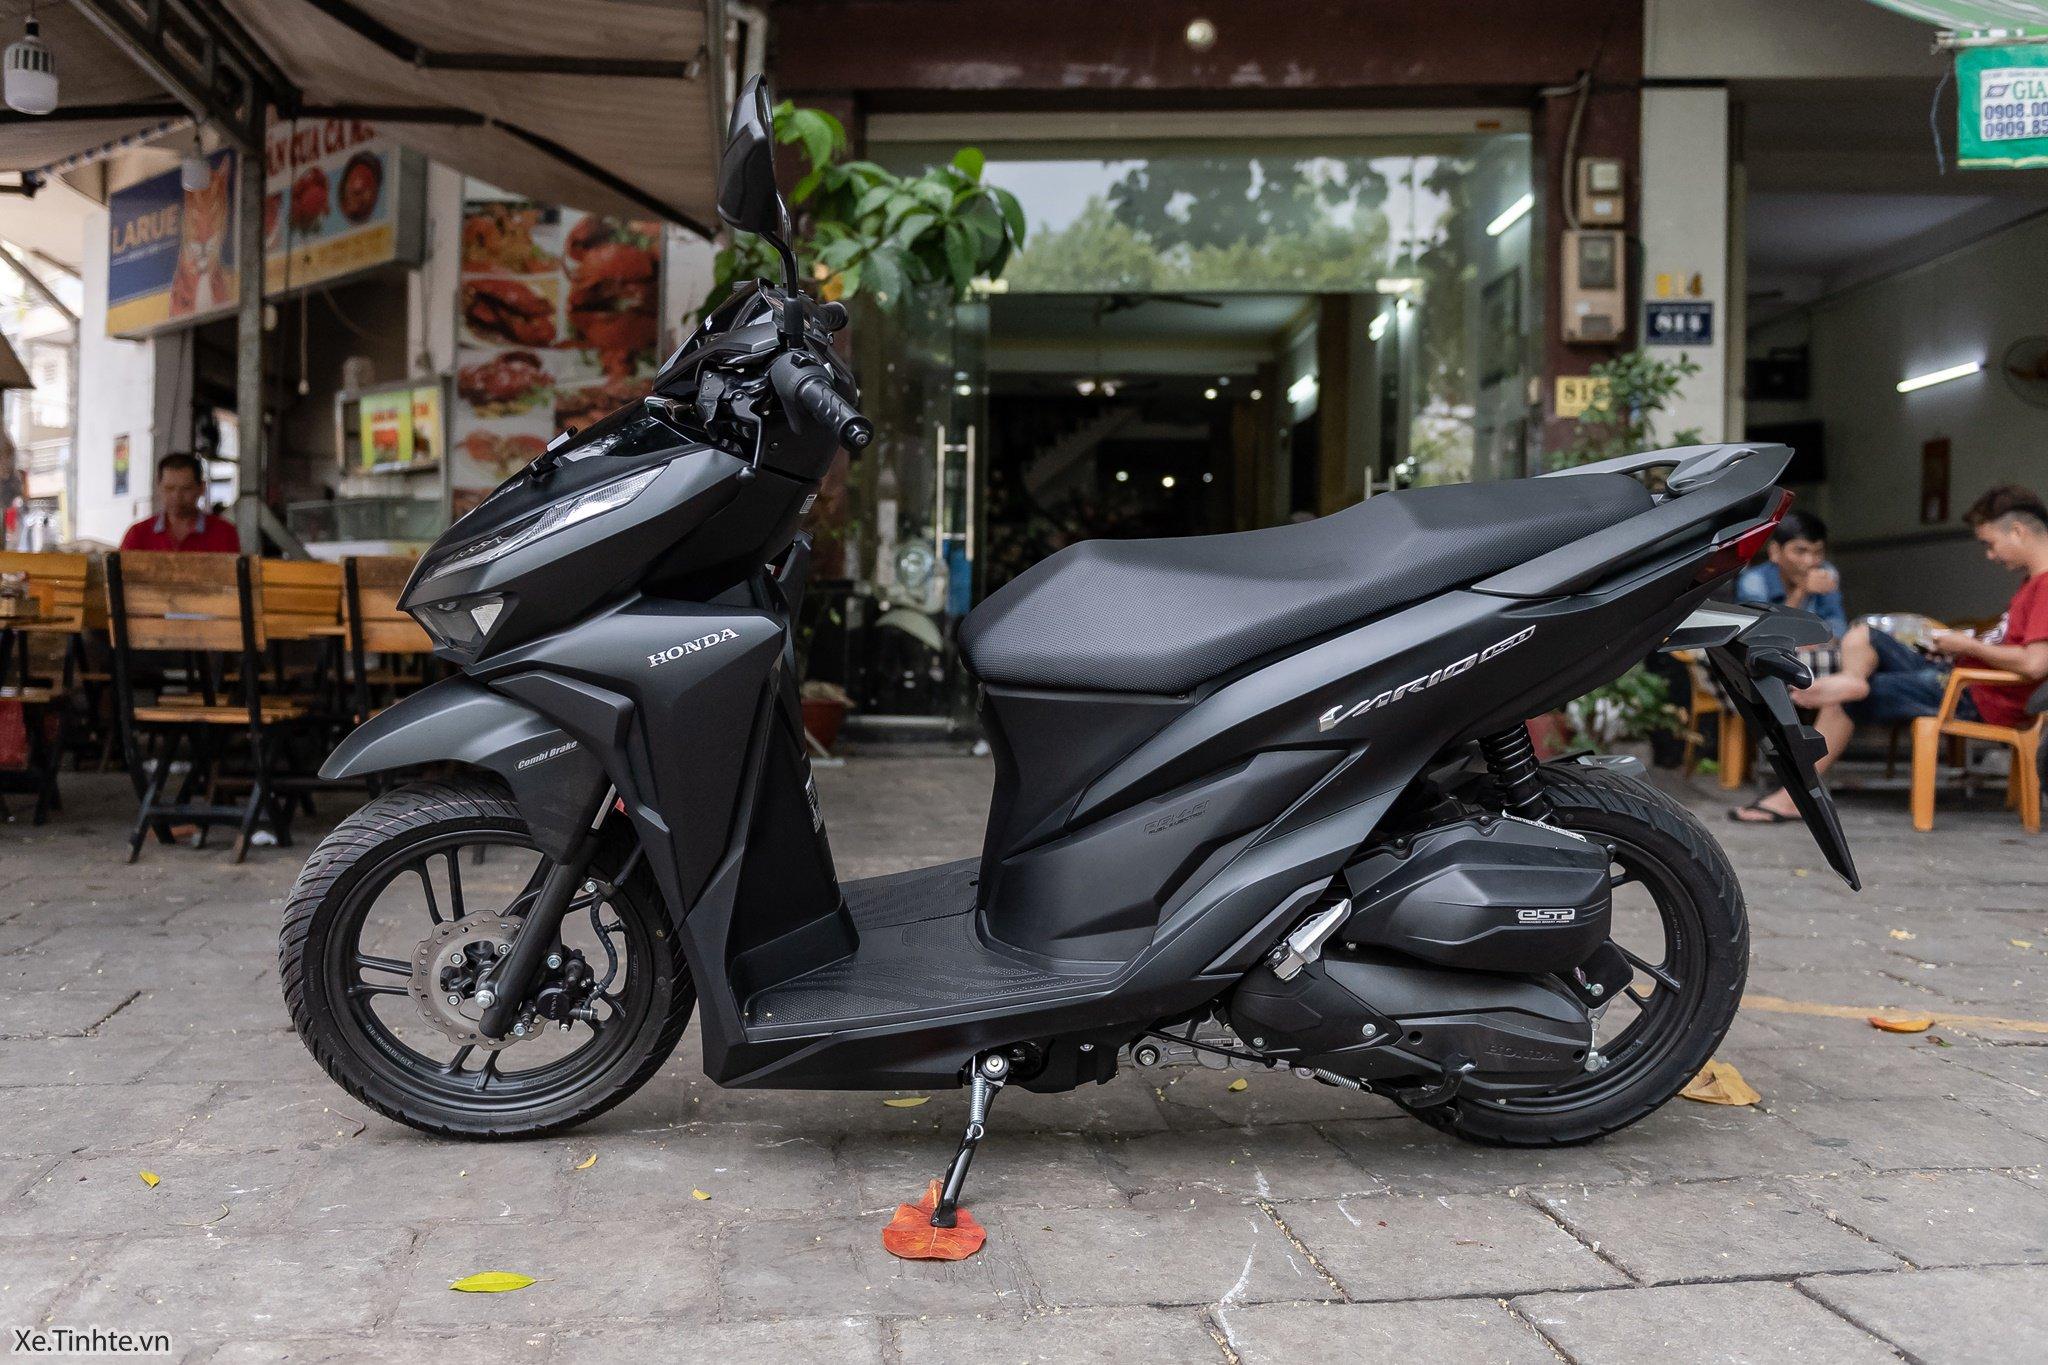 Xe Honda nhập khẩu có kiểu dáng độc đáo, động cơ mạnh mẽ